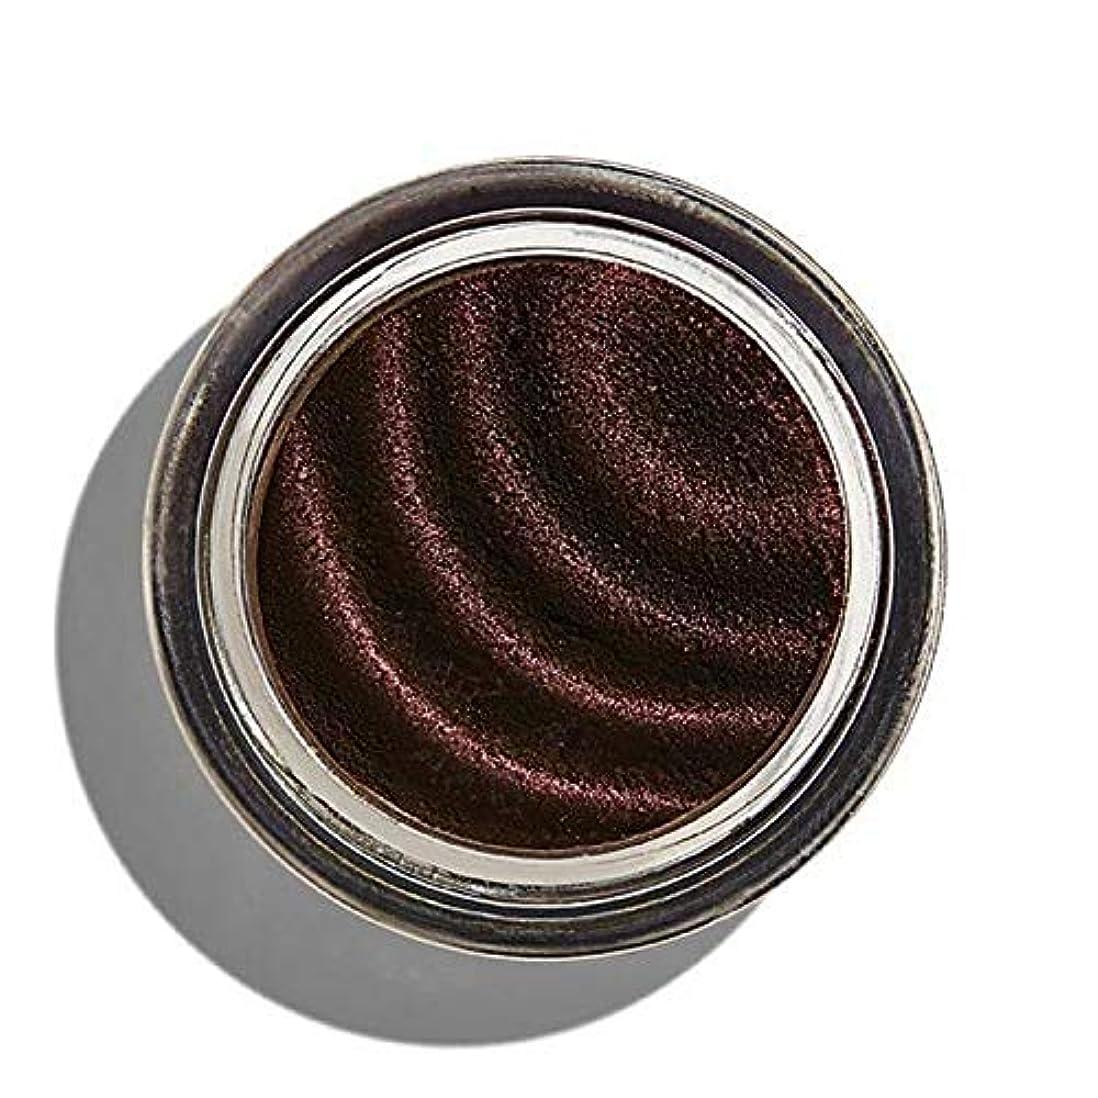 職業悪化させる無限大[Revolution ] 化粧革命磁化のアイシャドウバーガンディ - Makeup Revolution Magnetize Eyeshadow Burgundy [並行輸入品]